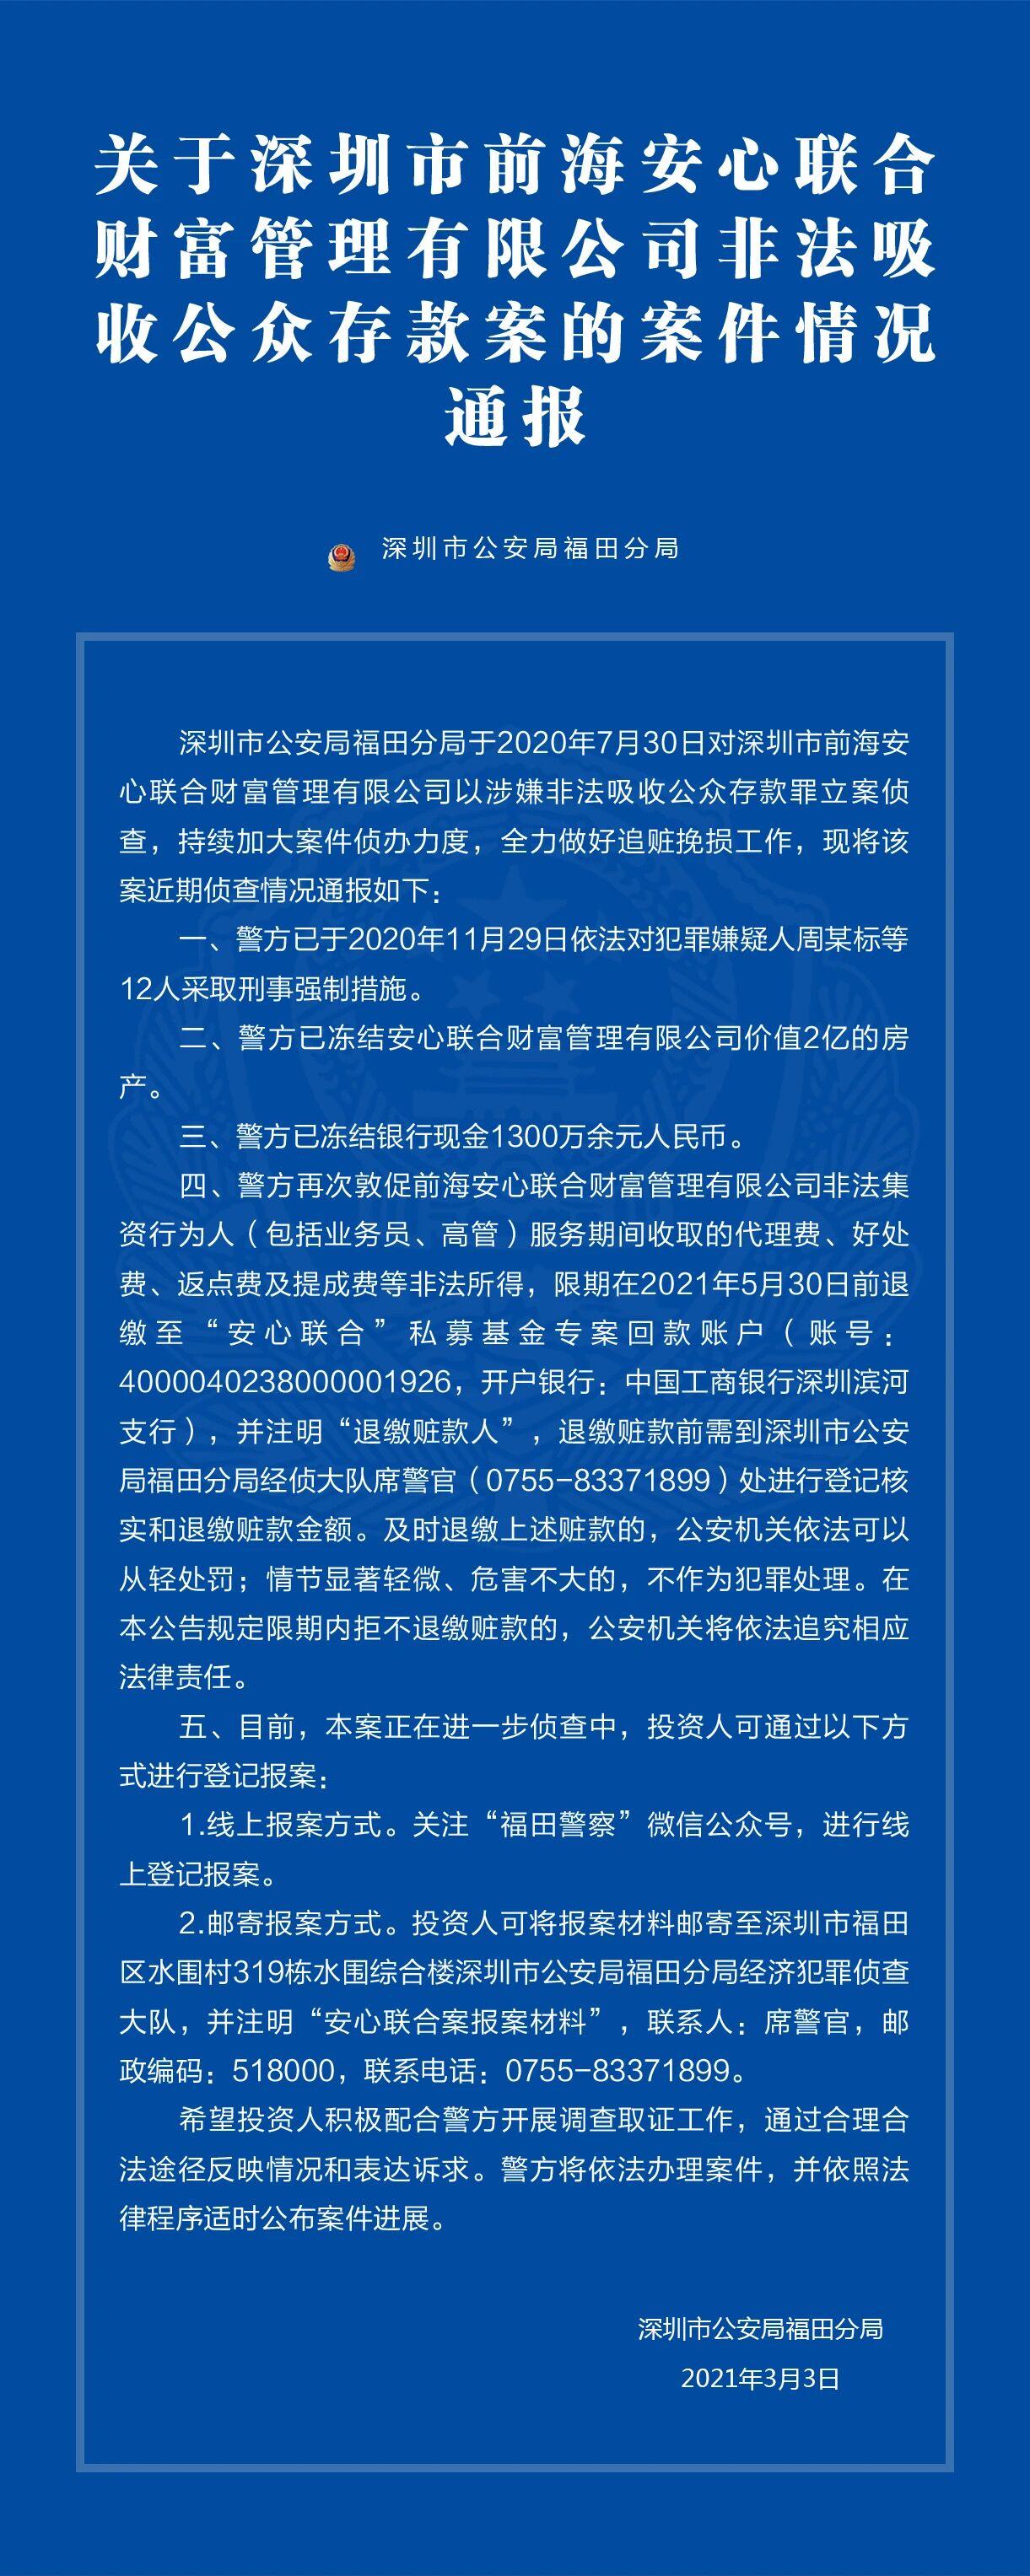 深圳一立案非吸平台案件进展:12人已被抓 冻结现金1300万余元